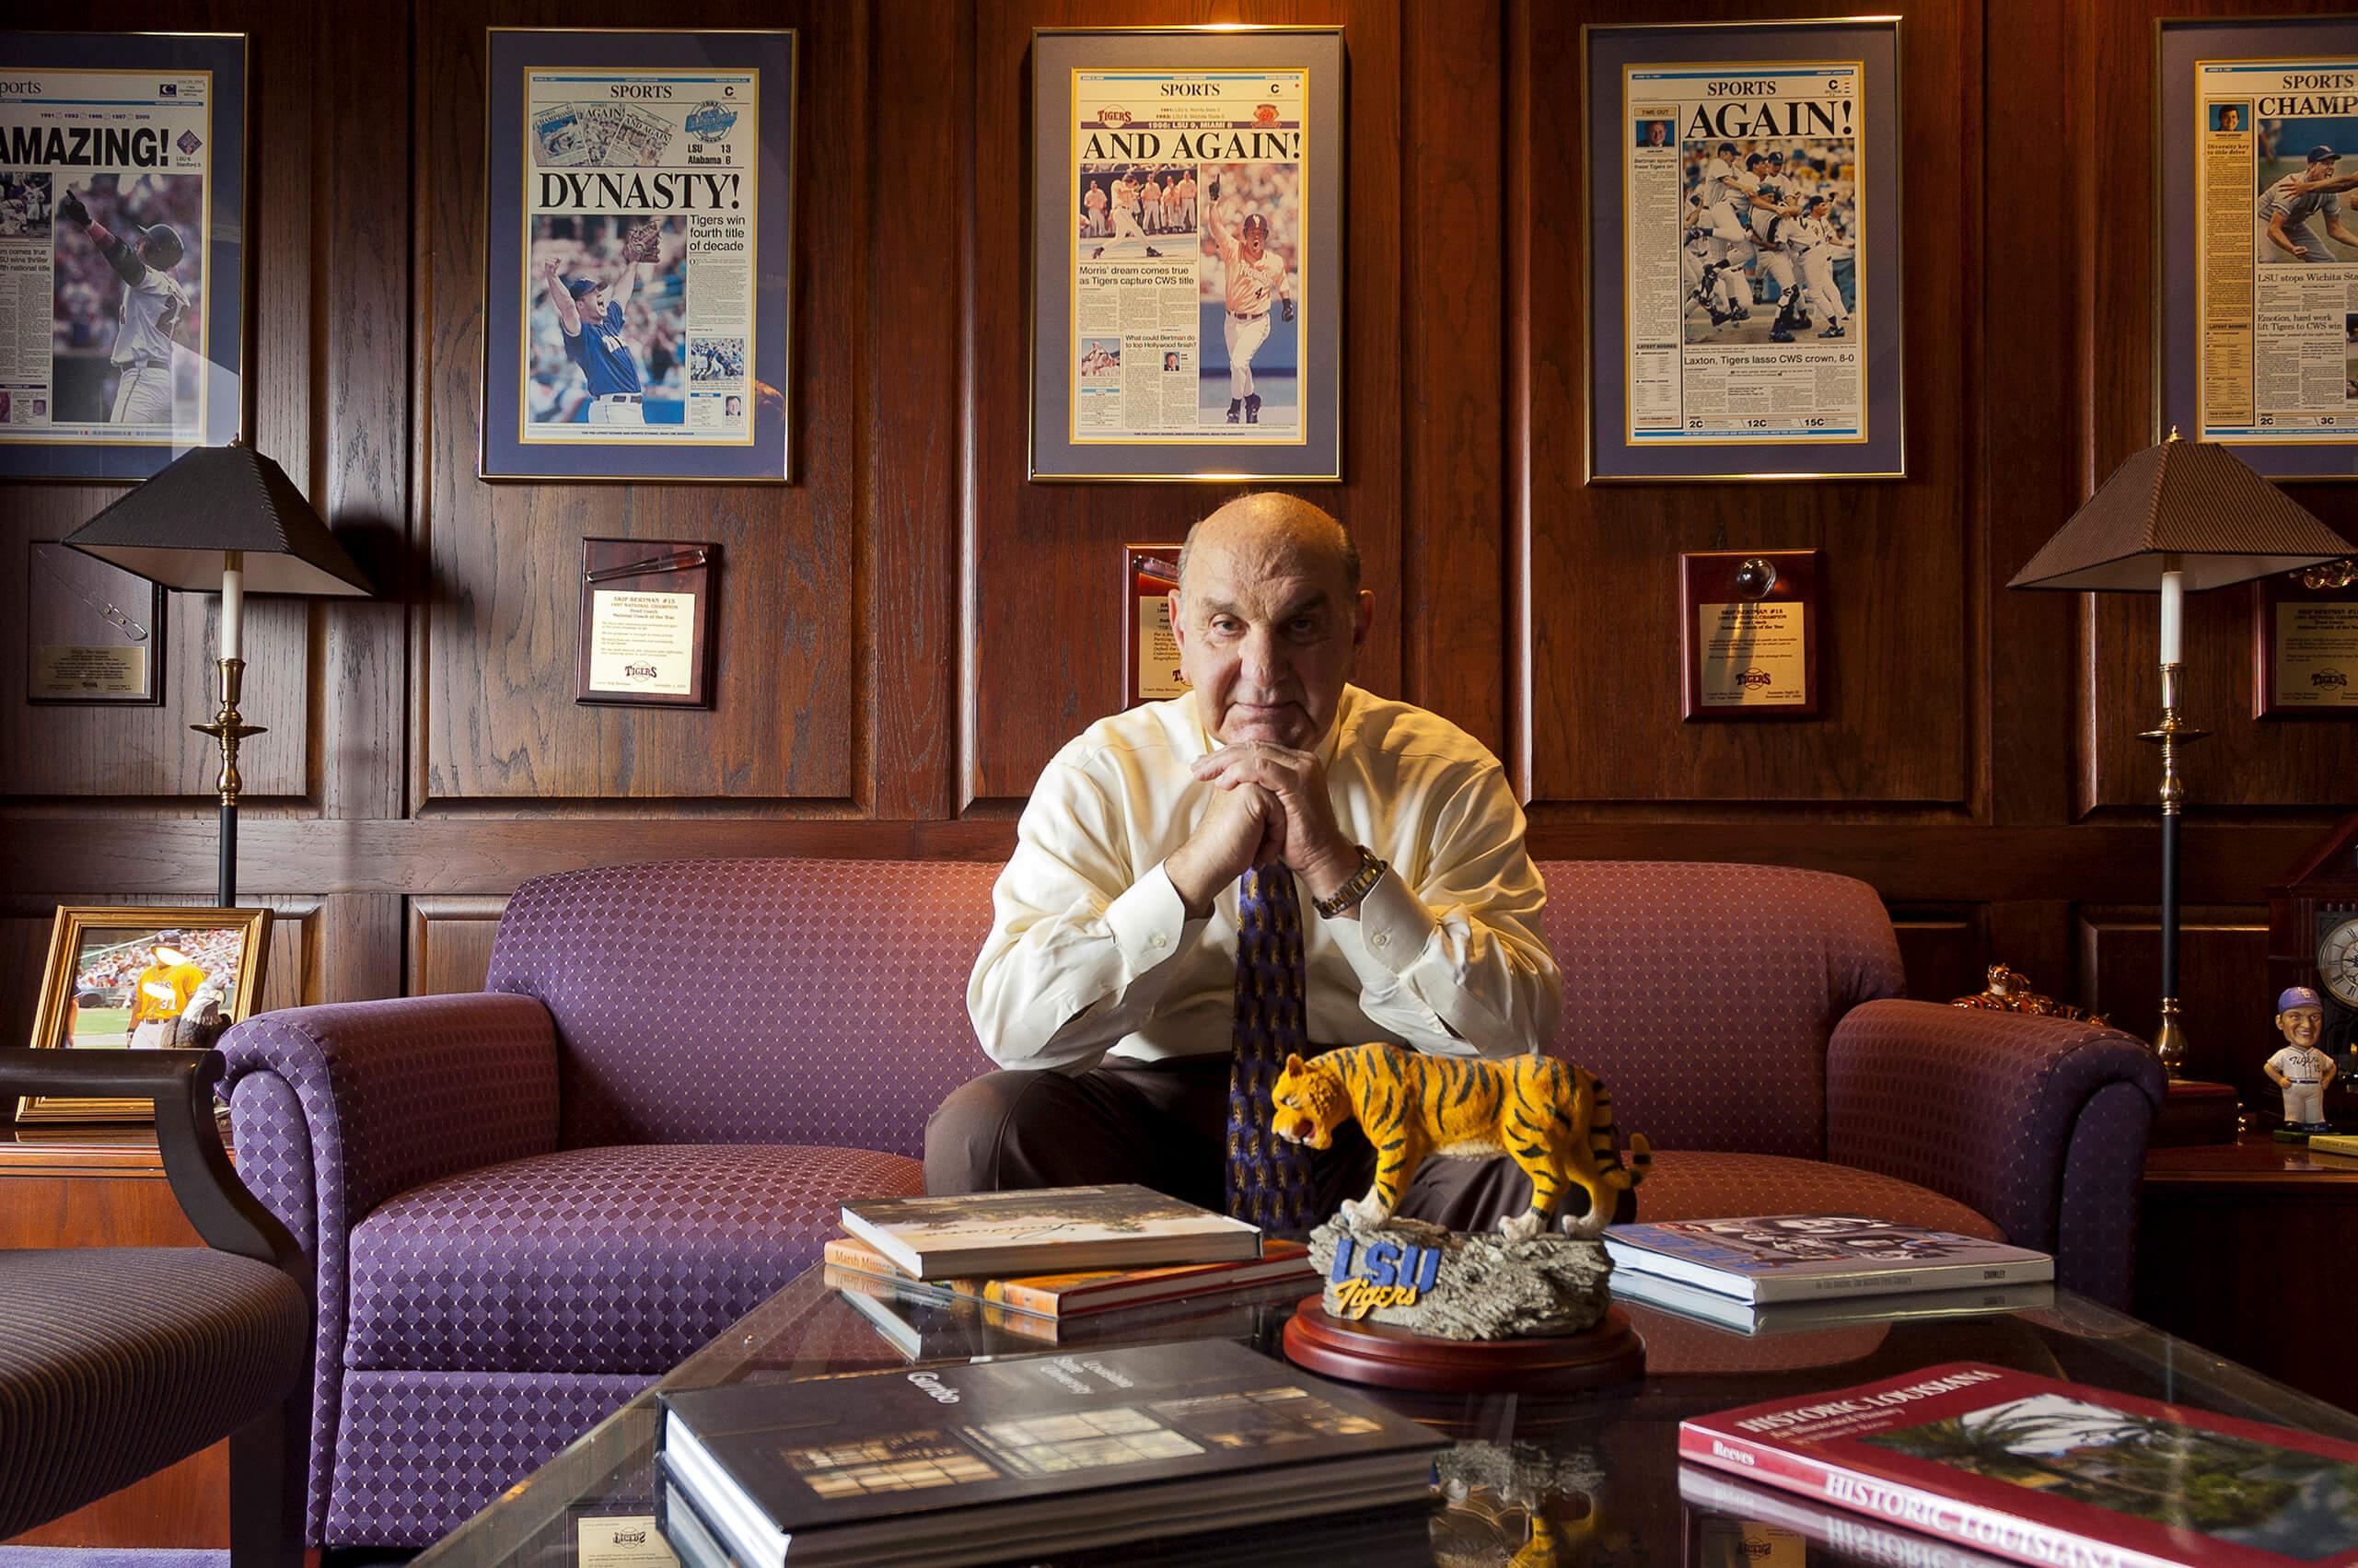 LSU Athletic Director Skip Bertman